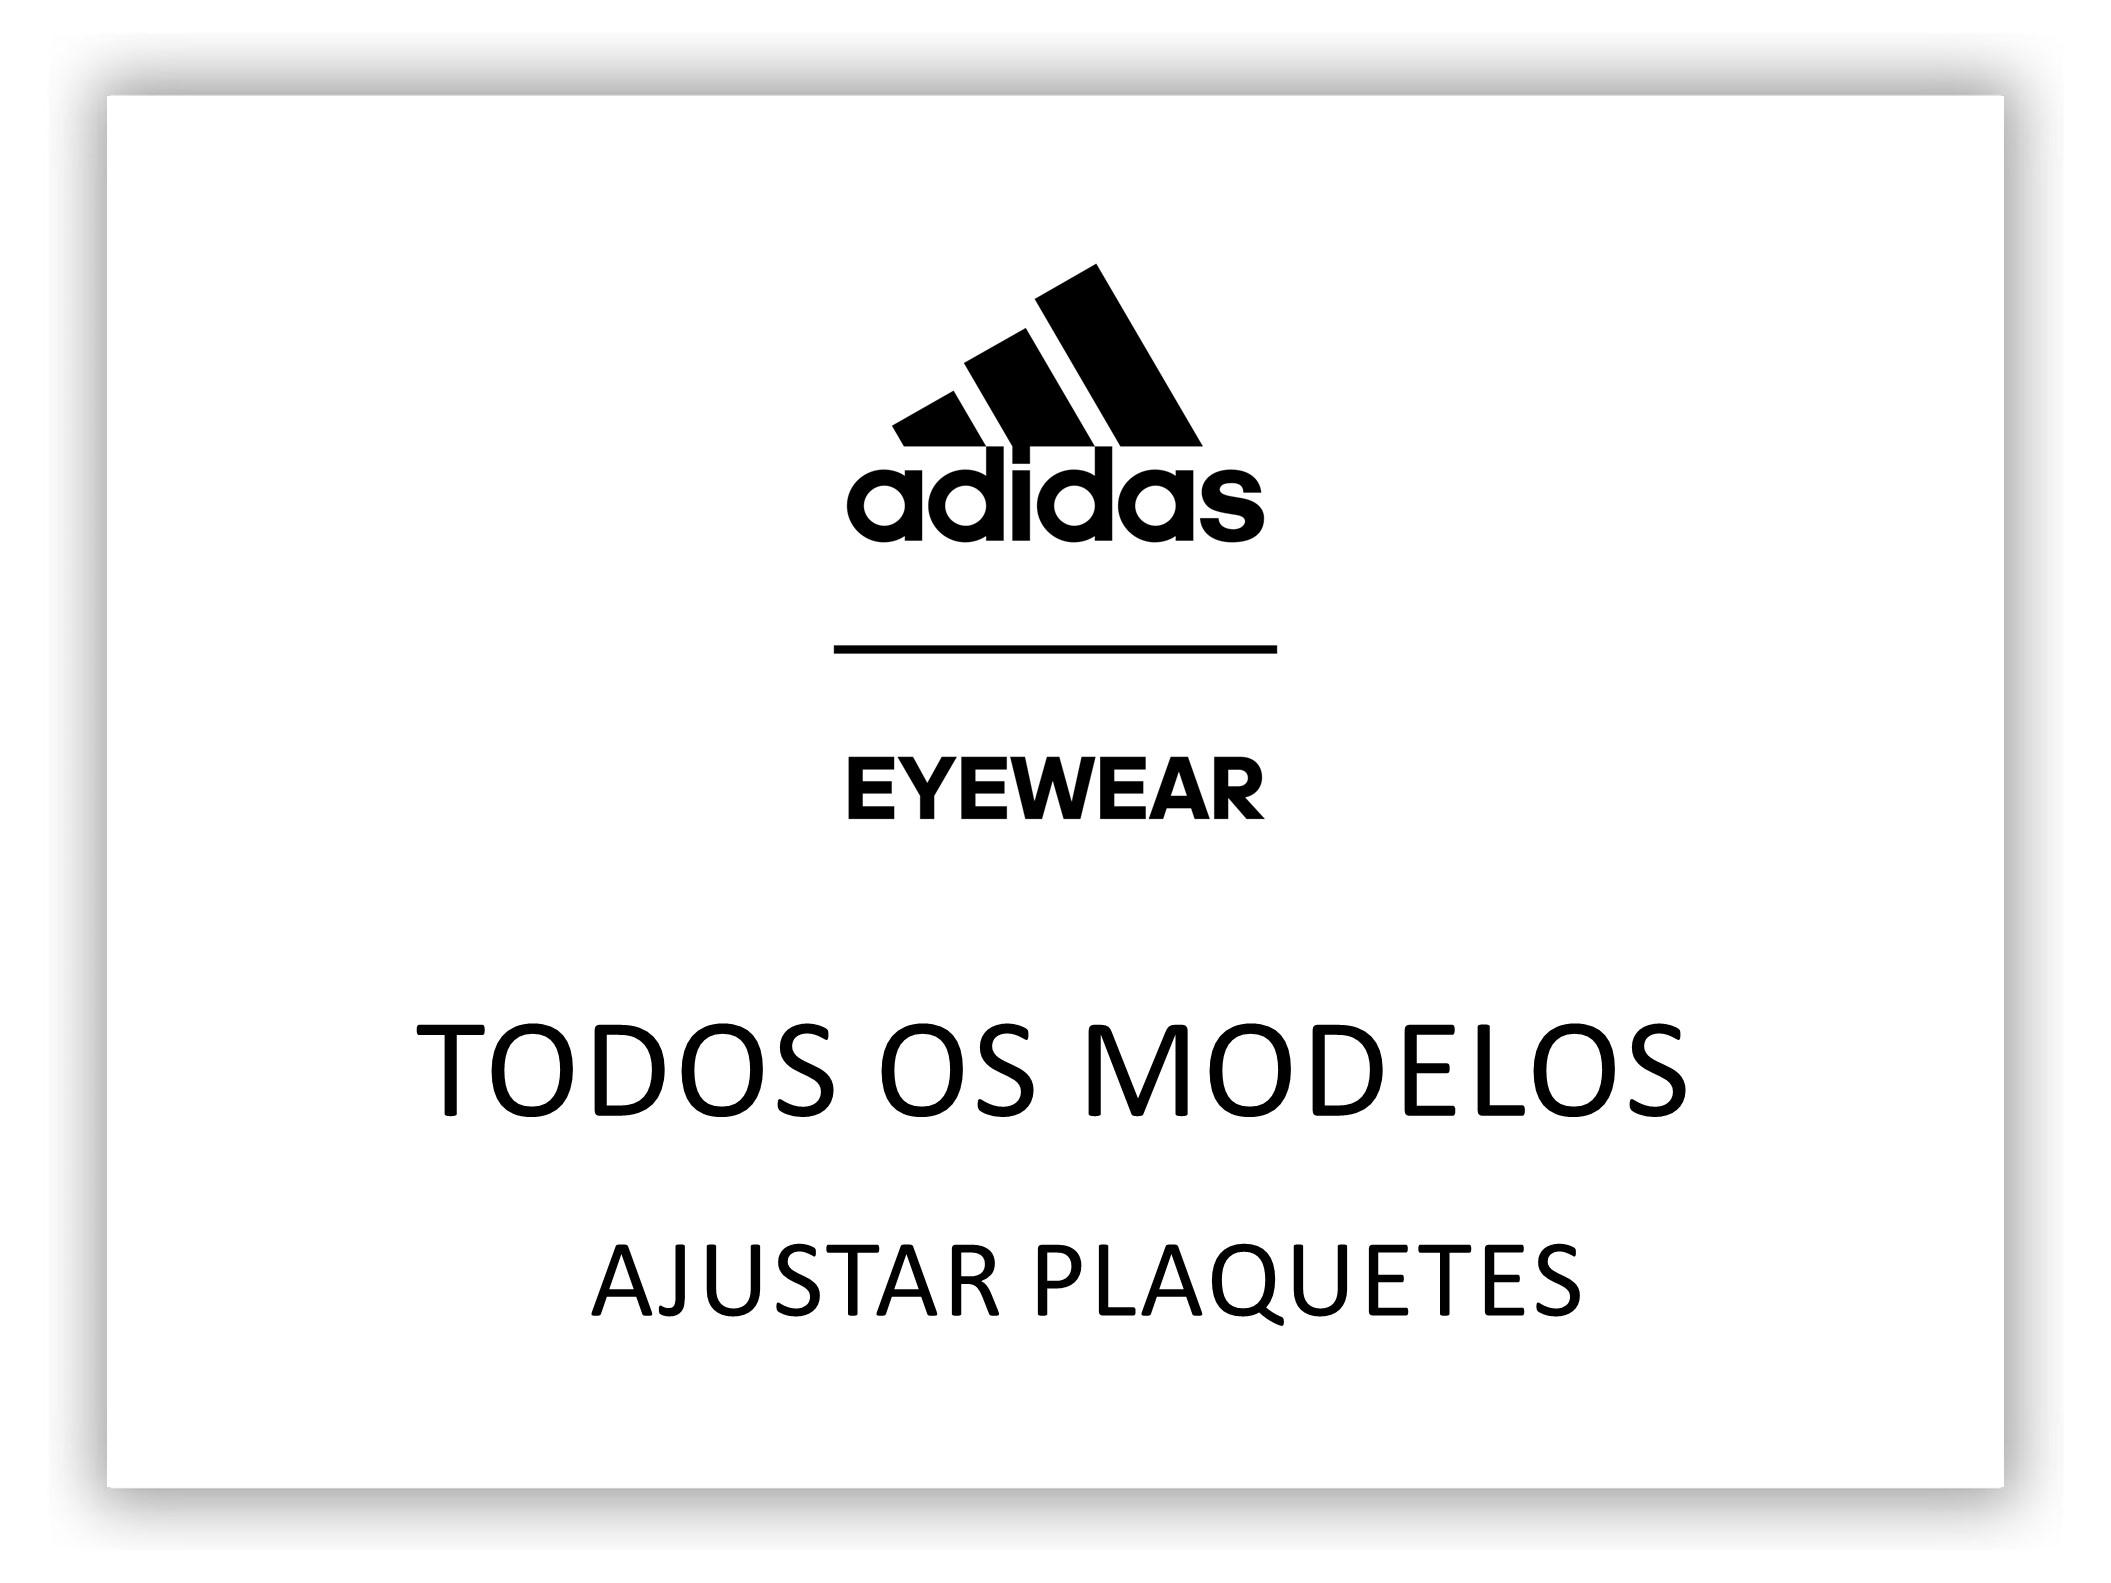 Adidas_-PLAQUETES-TODOS